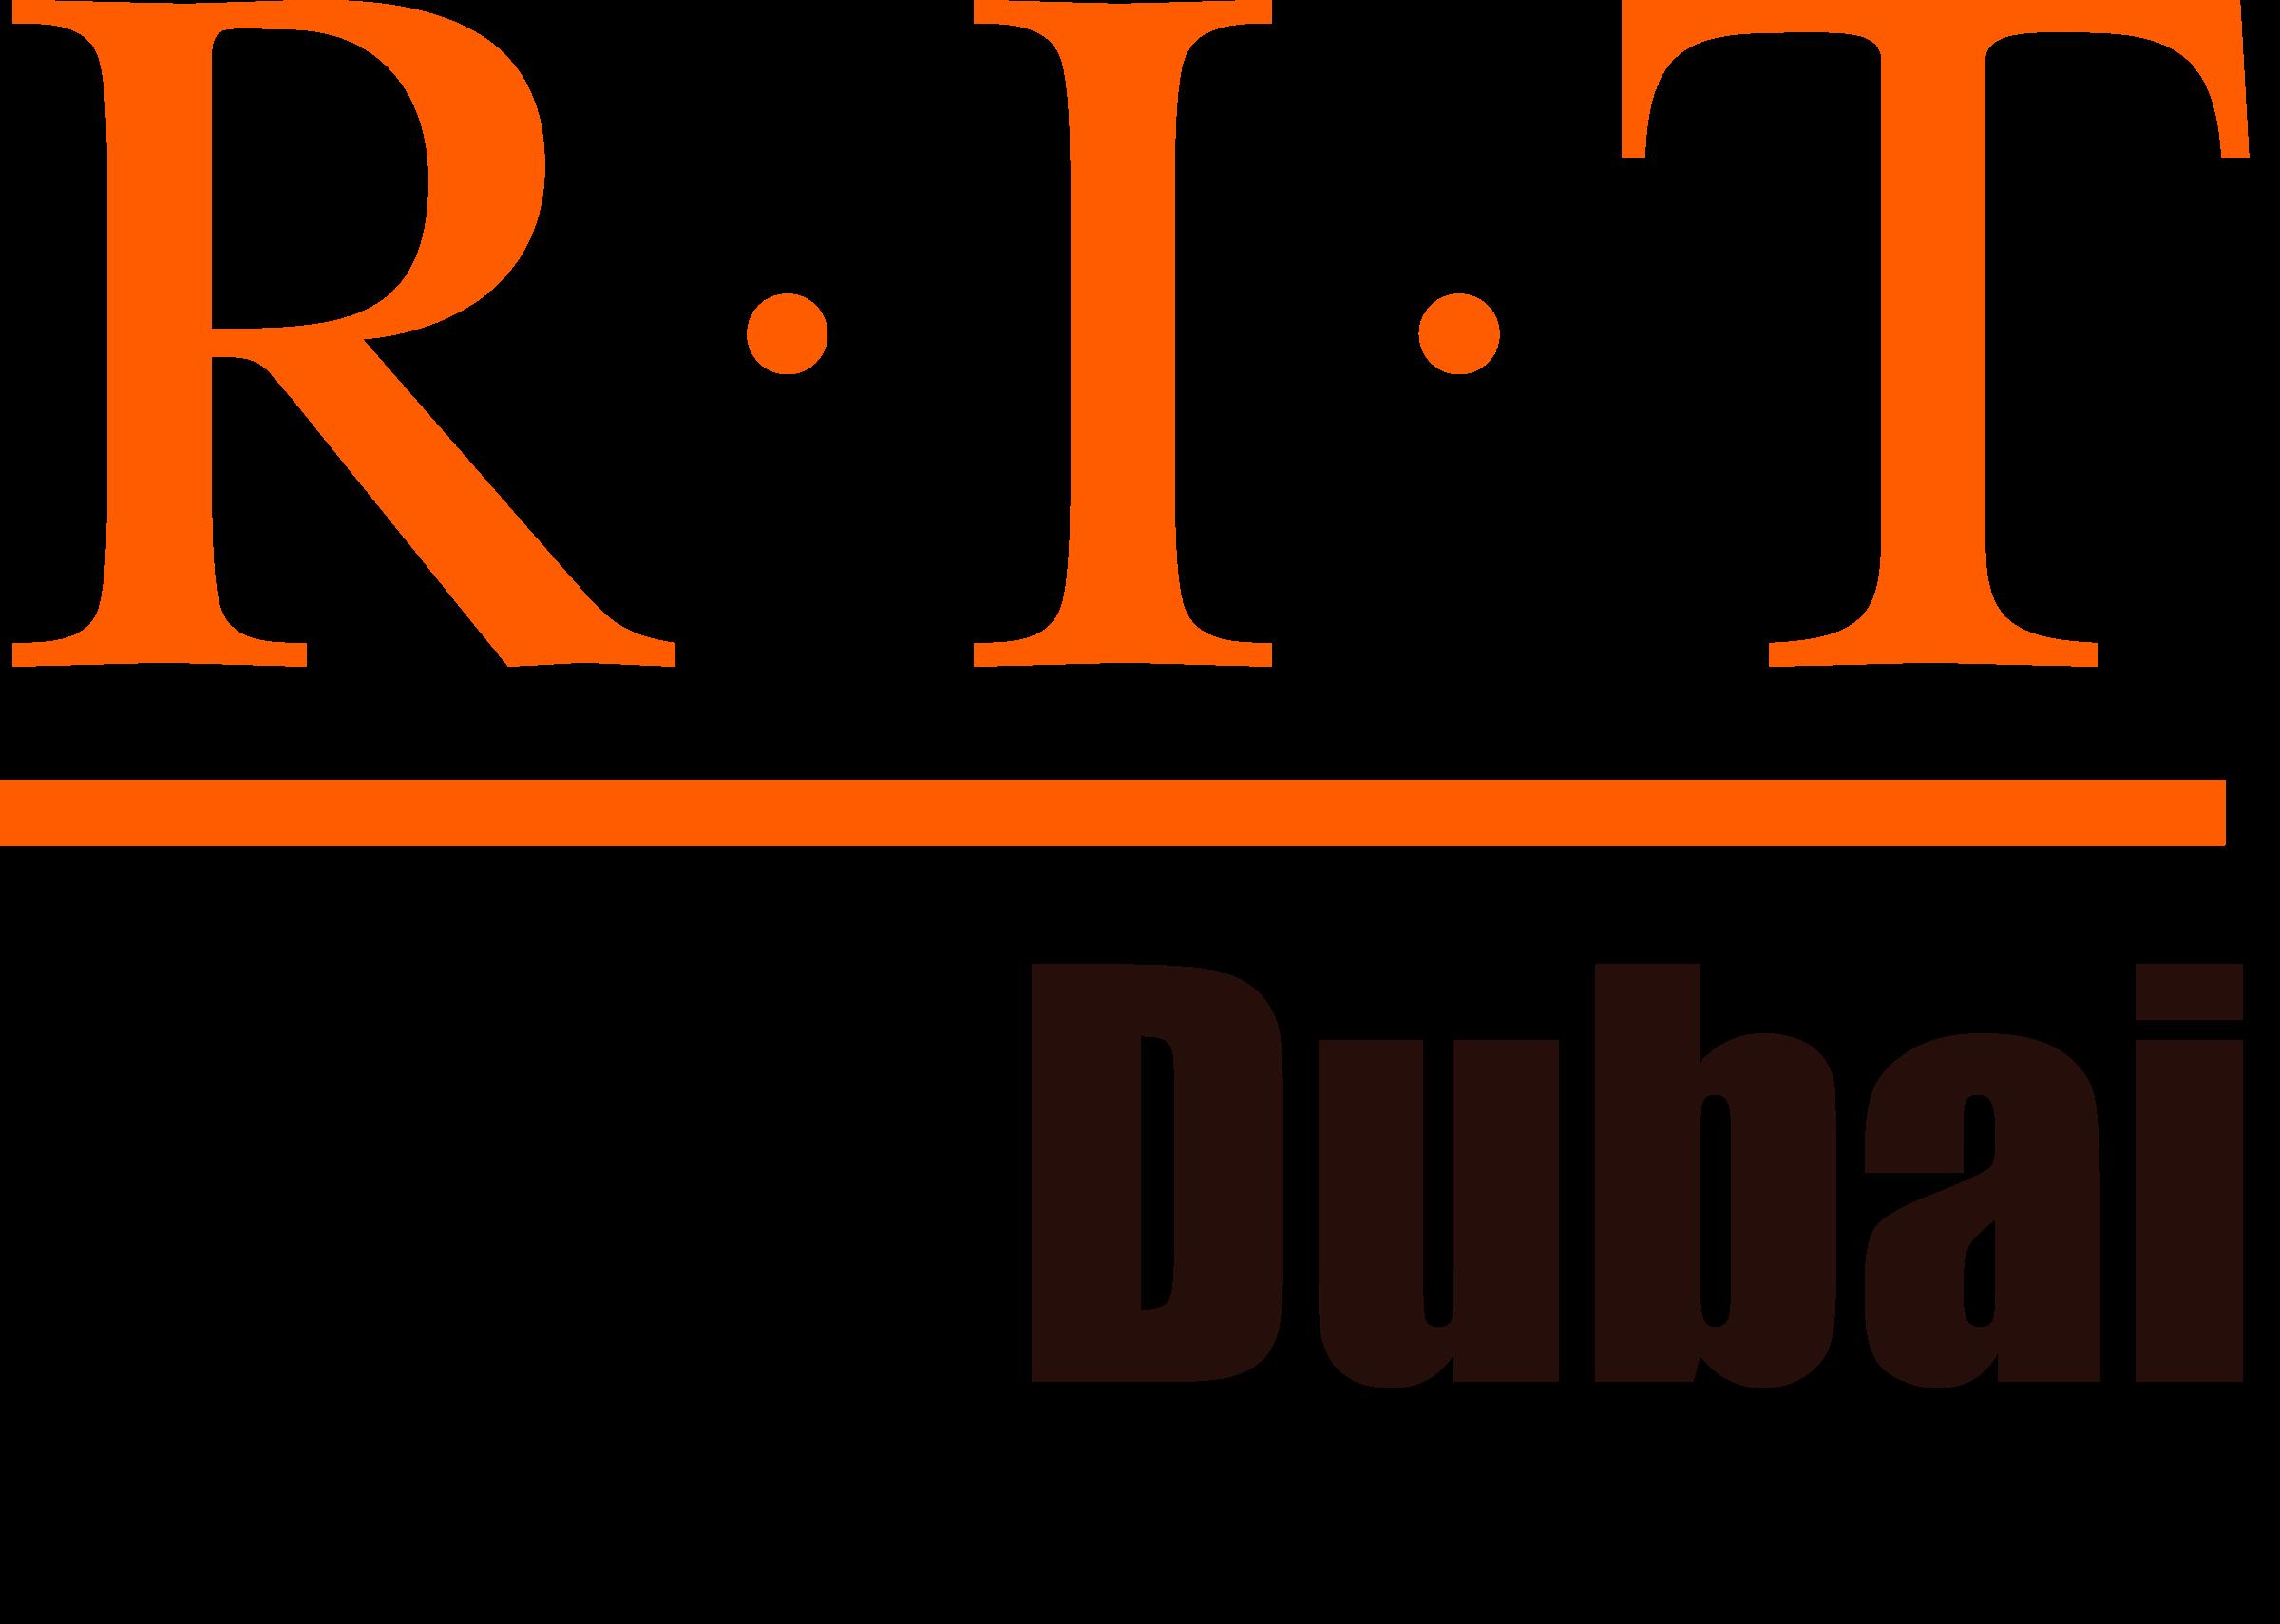 rit-dubai-logo-png-transparent